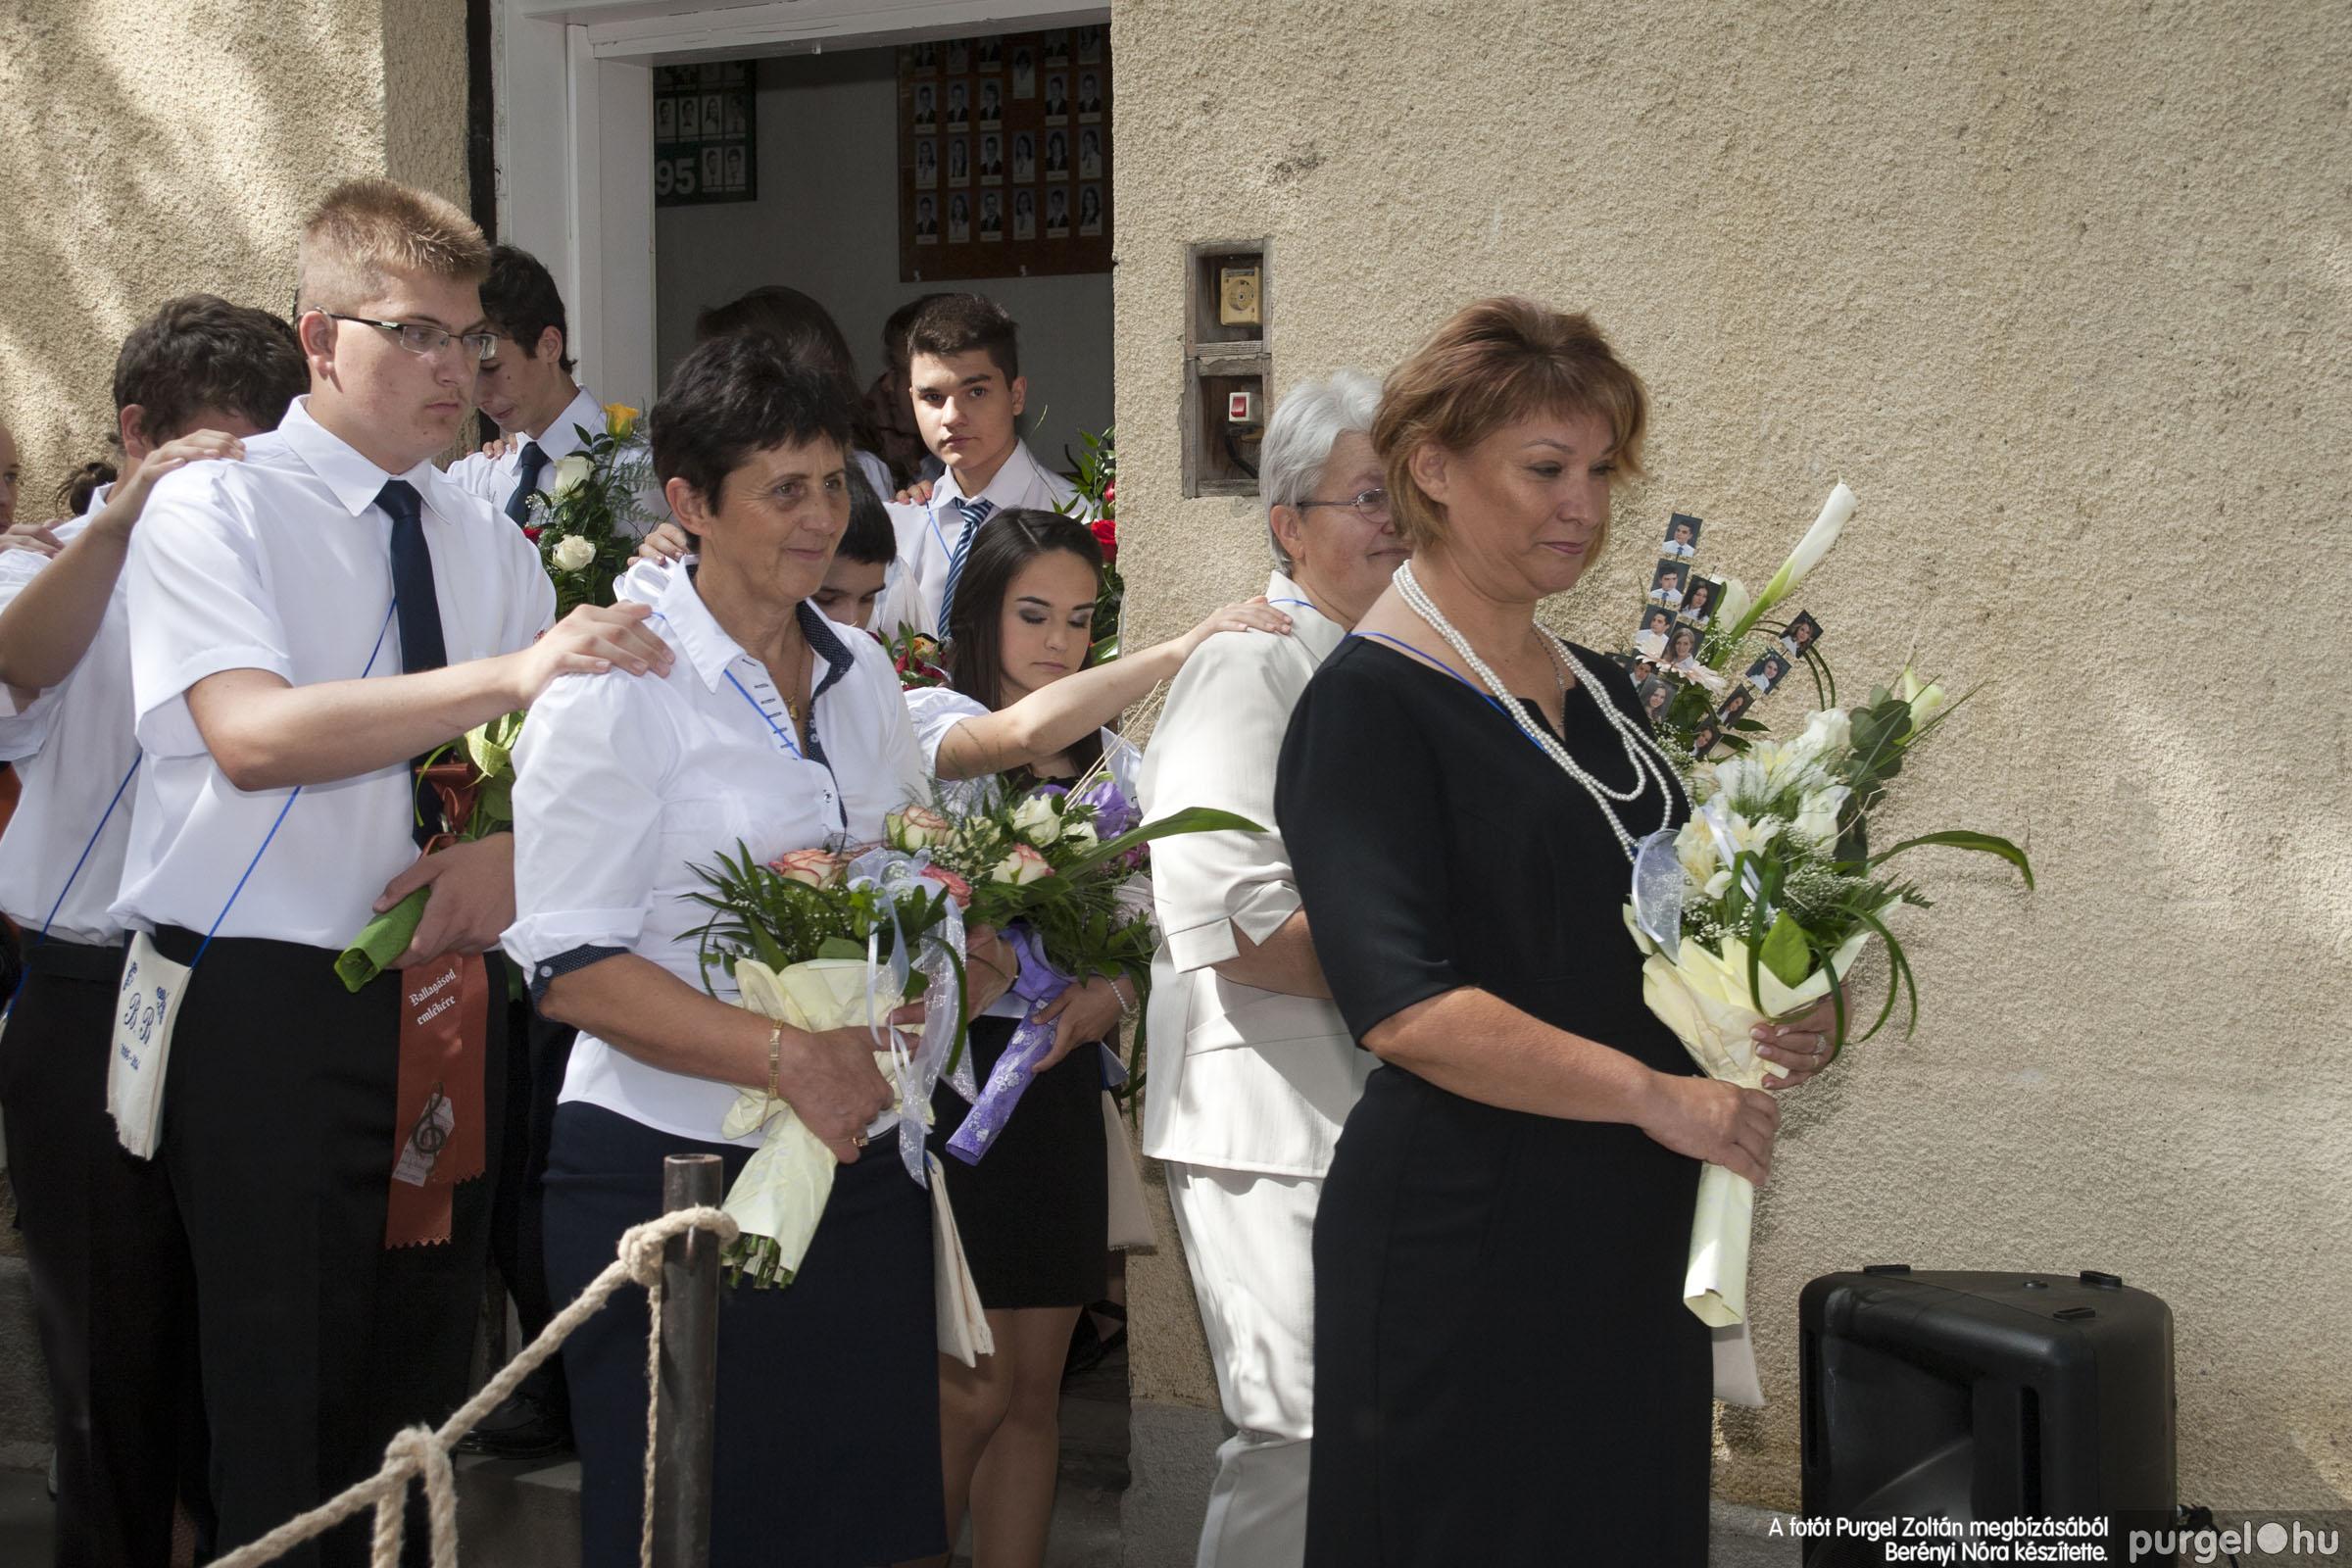 2014.06.14. 135 Forray Máté Általános Iskola ballagás 2014. - Fotó:BERÉNYI NÓRA© _MG_5740.jpg